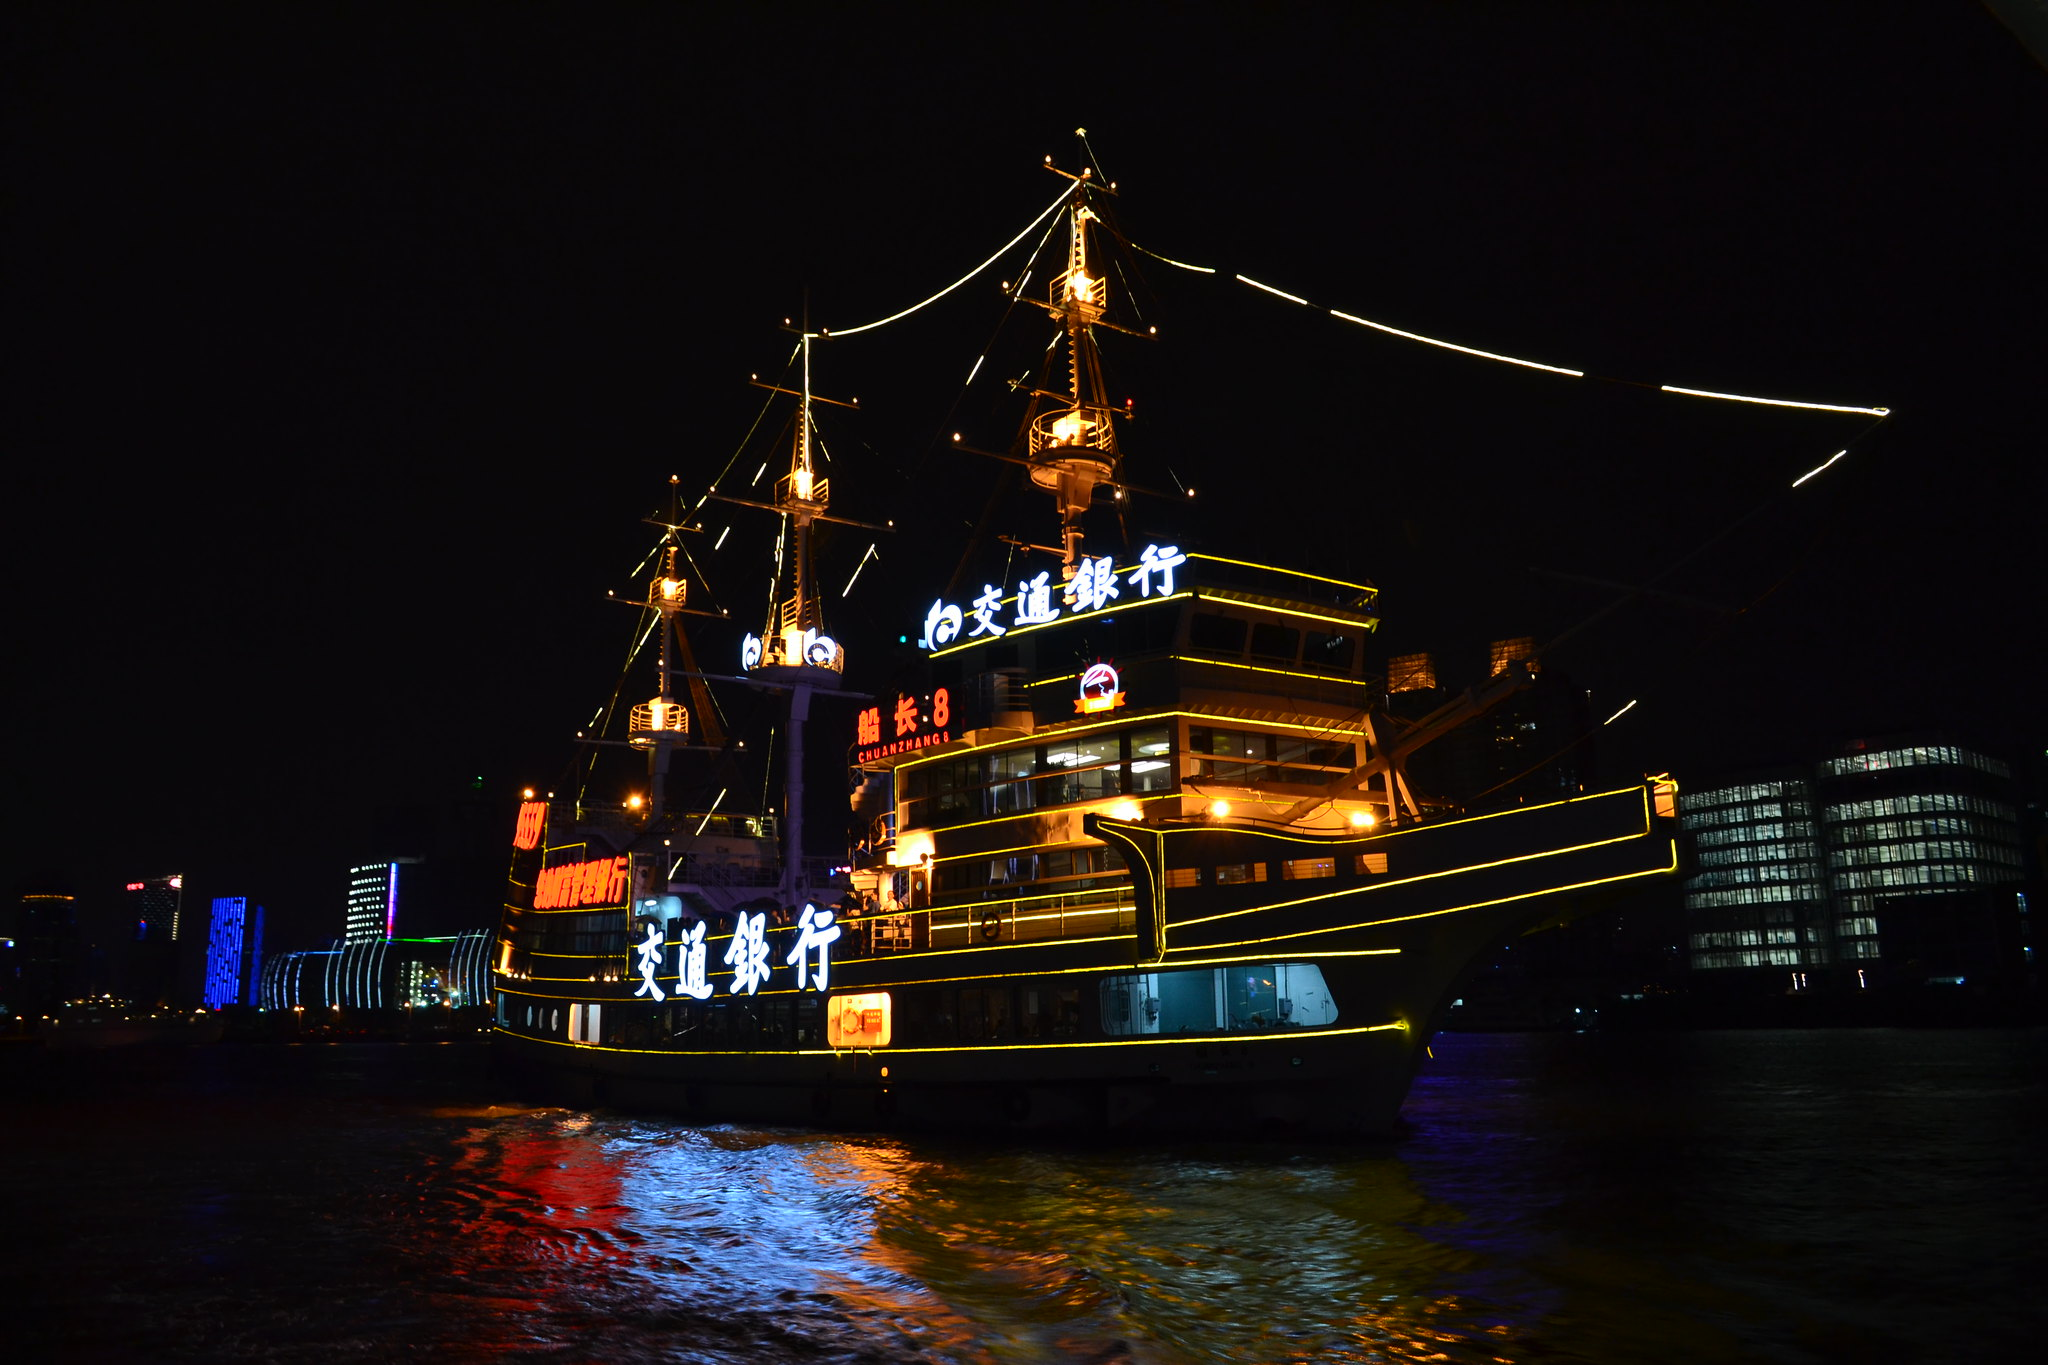 Shanghai Boat